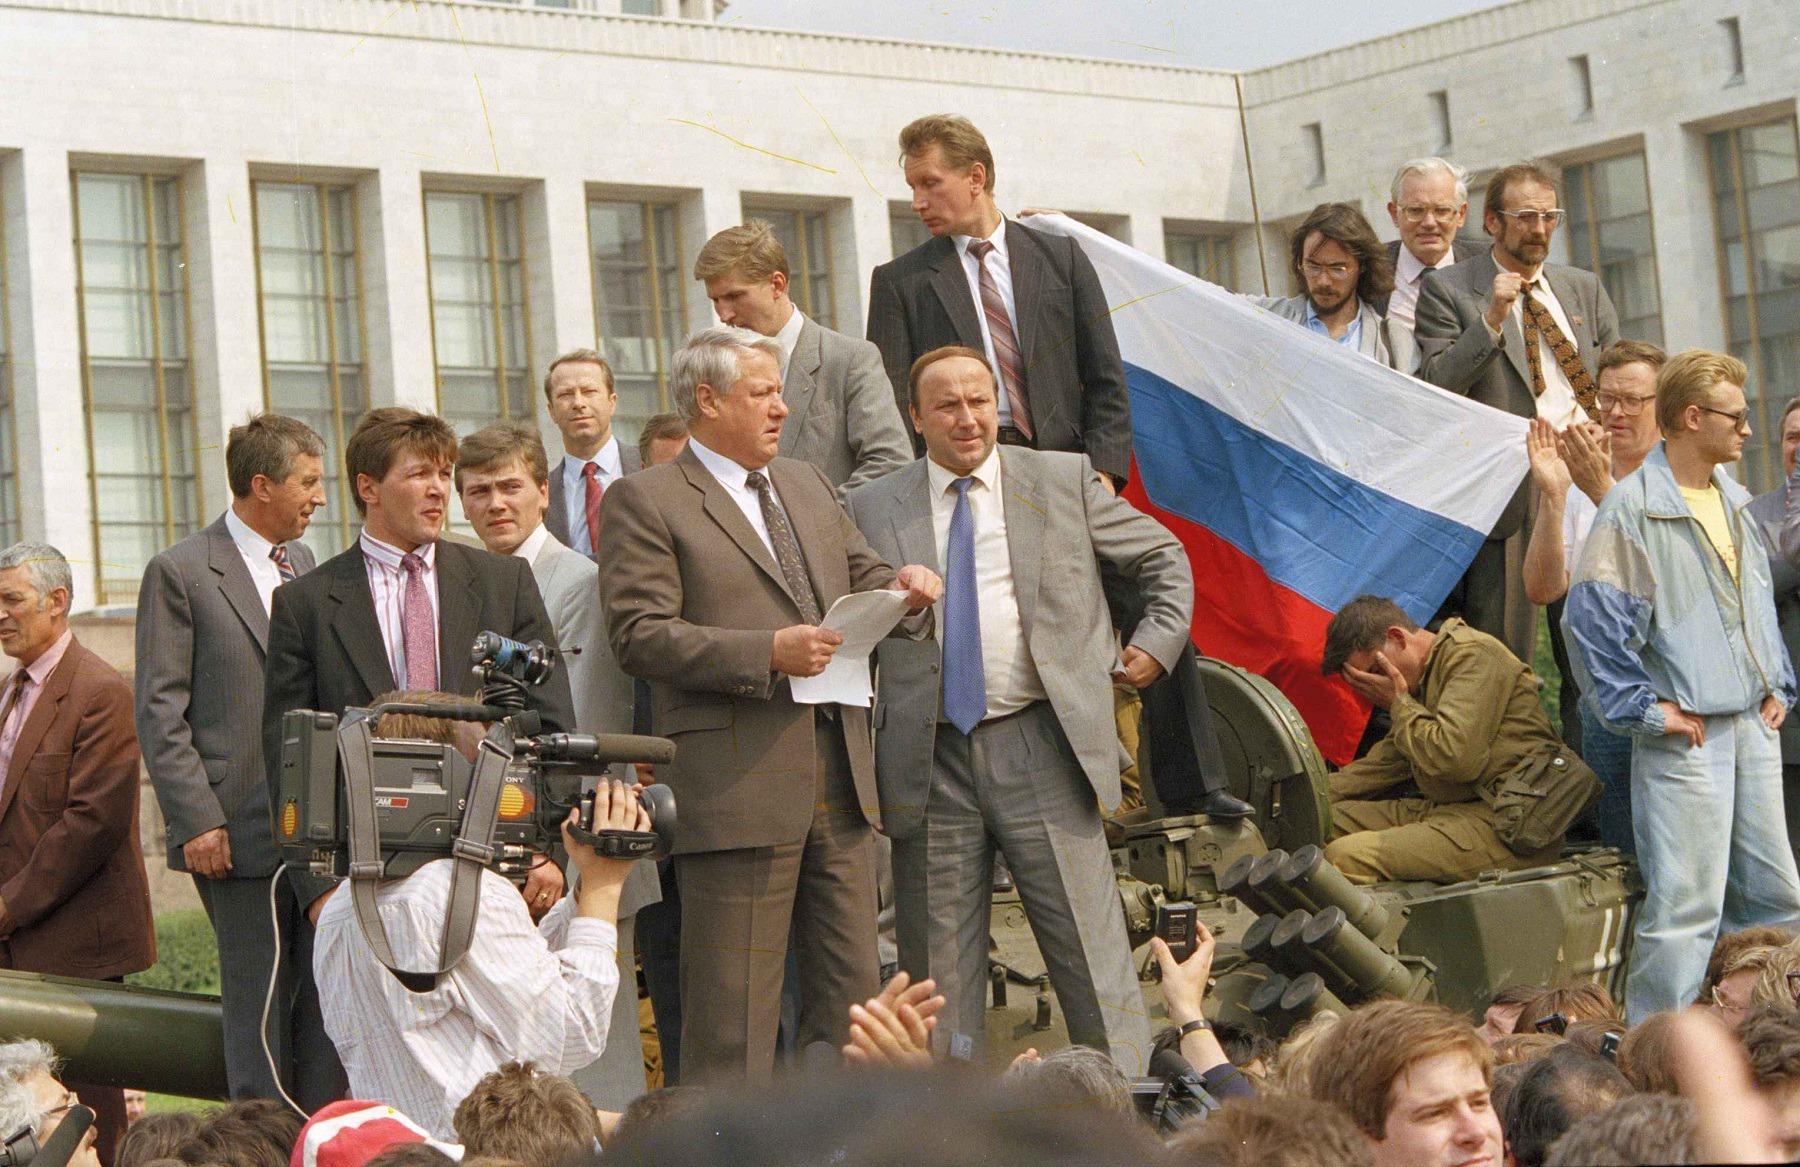 """老照片:叶利钦""""白宫事件20周年"""" - 雪花新闻"""